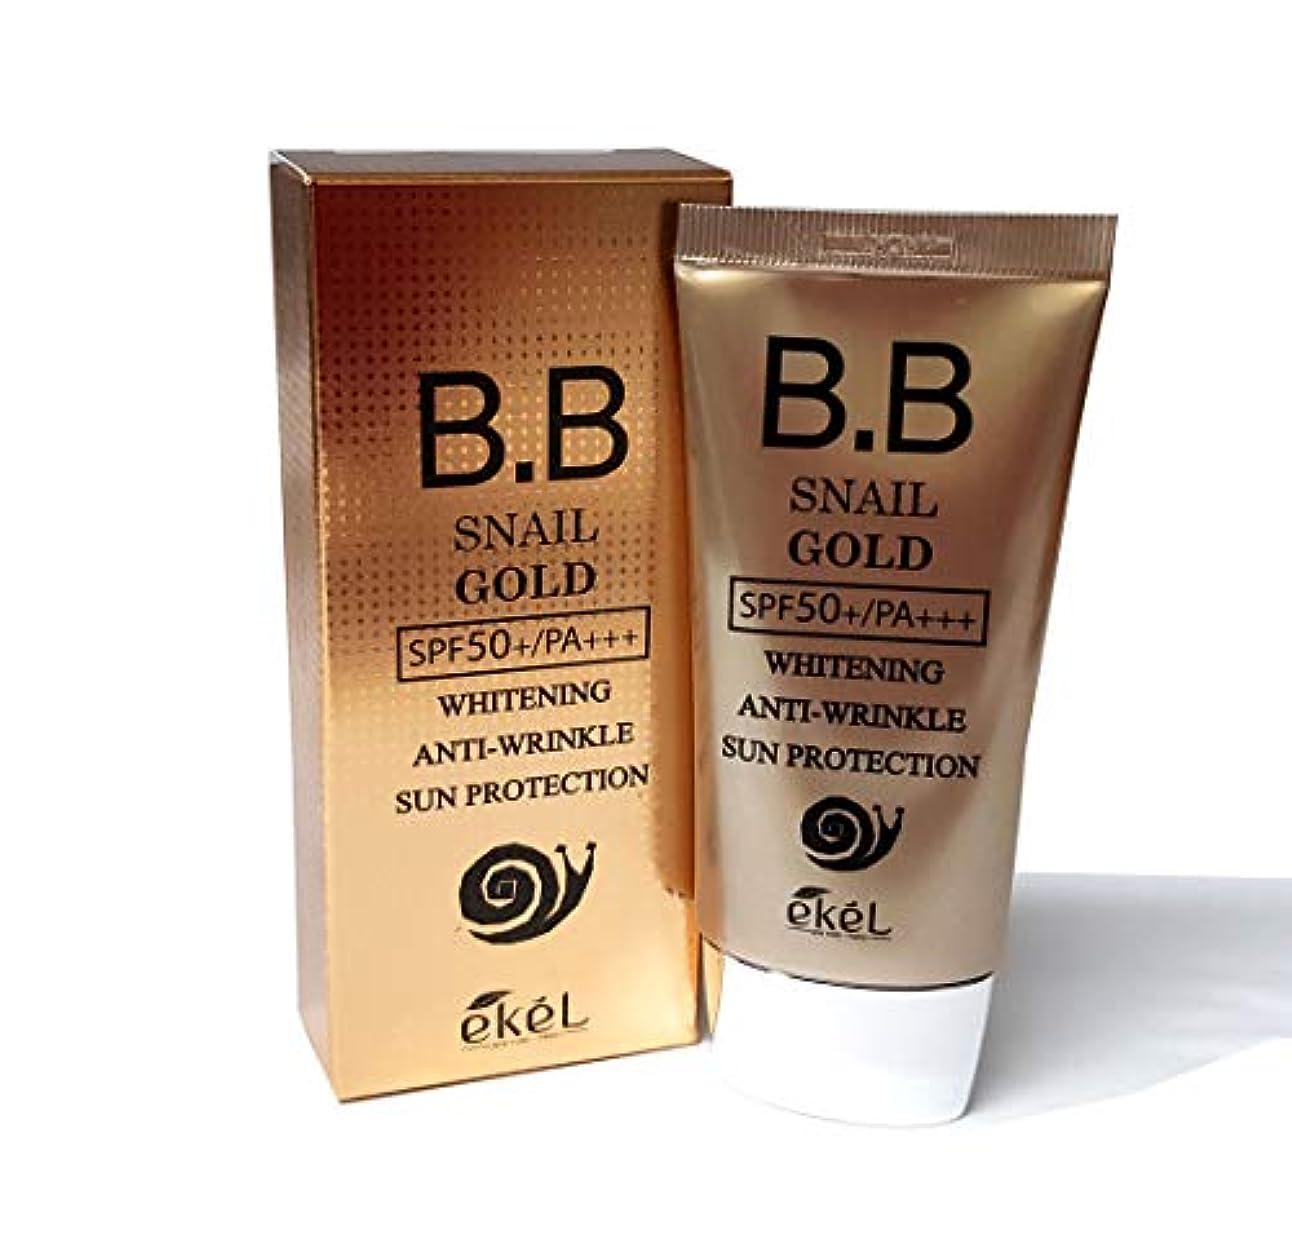 ラベルドアミラー哀[Ekel] カタツムリゴールドBB 50ml SPF50 + PA +++ / Snail Gold BB 50ml SPF50+PA+++ /ホワイトニング、UVカット/Whitening,UV protection/韓国化粧品/Korean Cosmetics [並行輸入品]